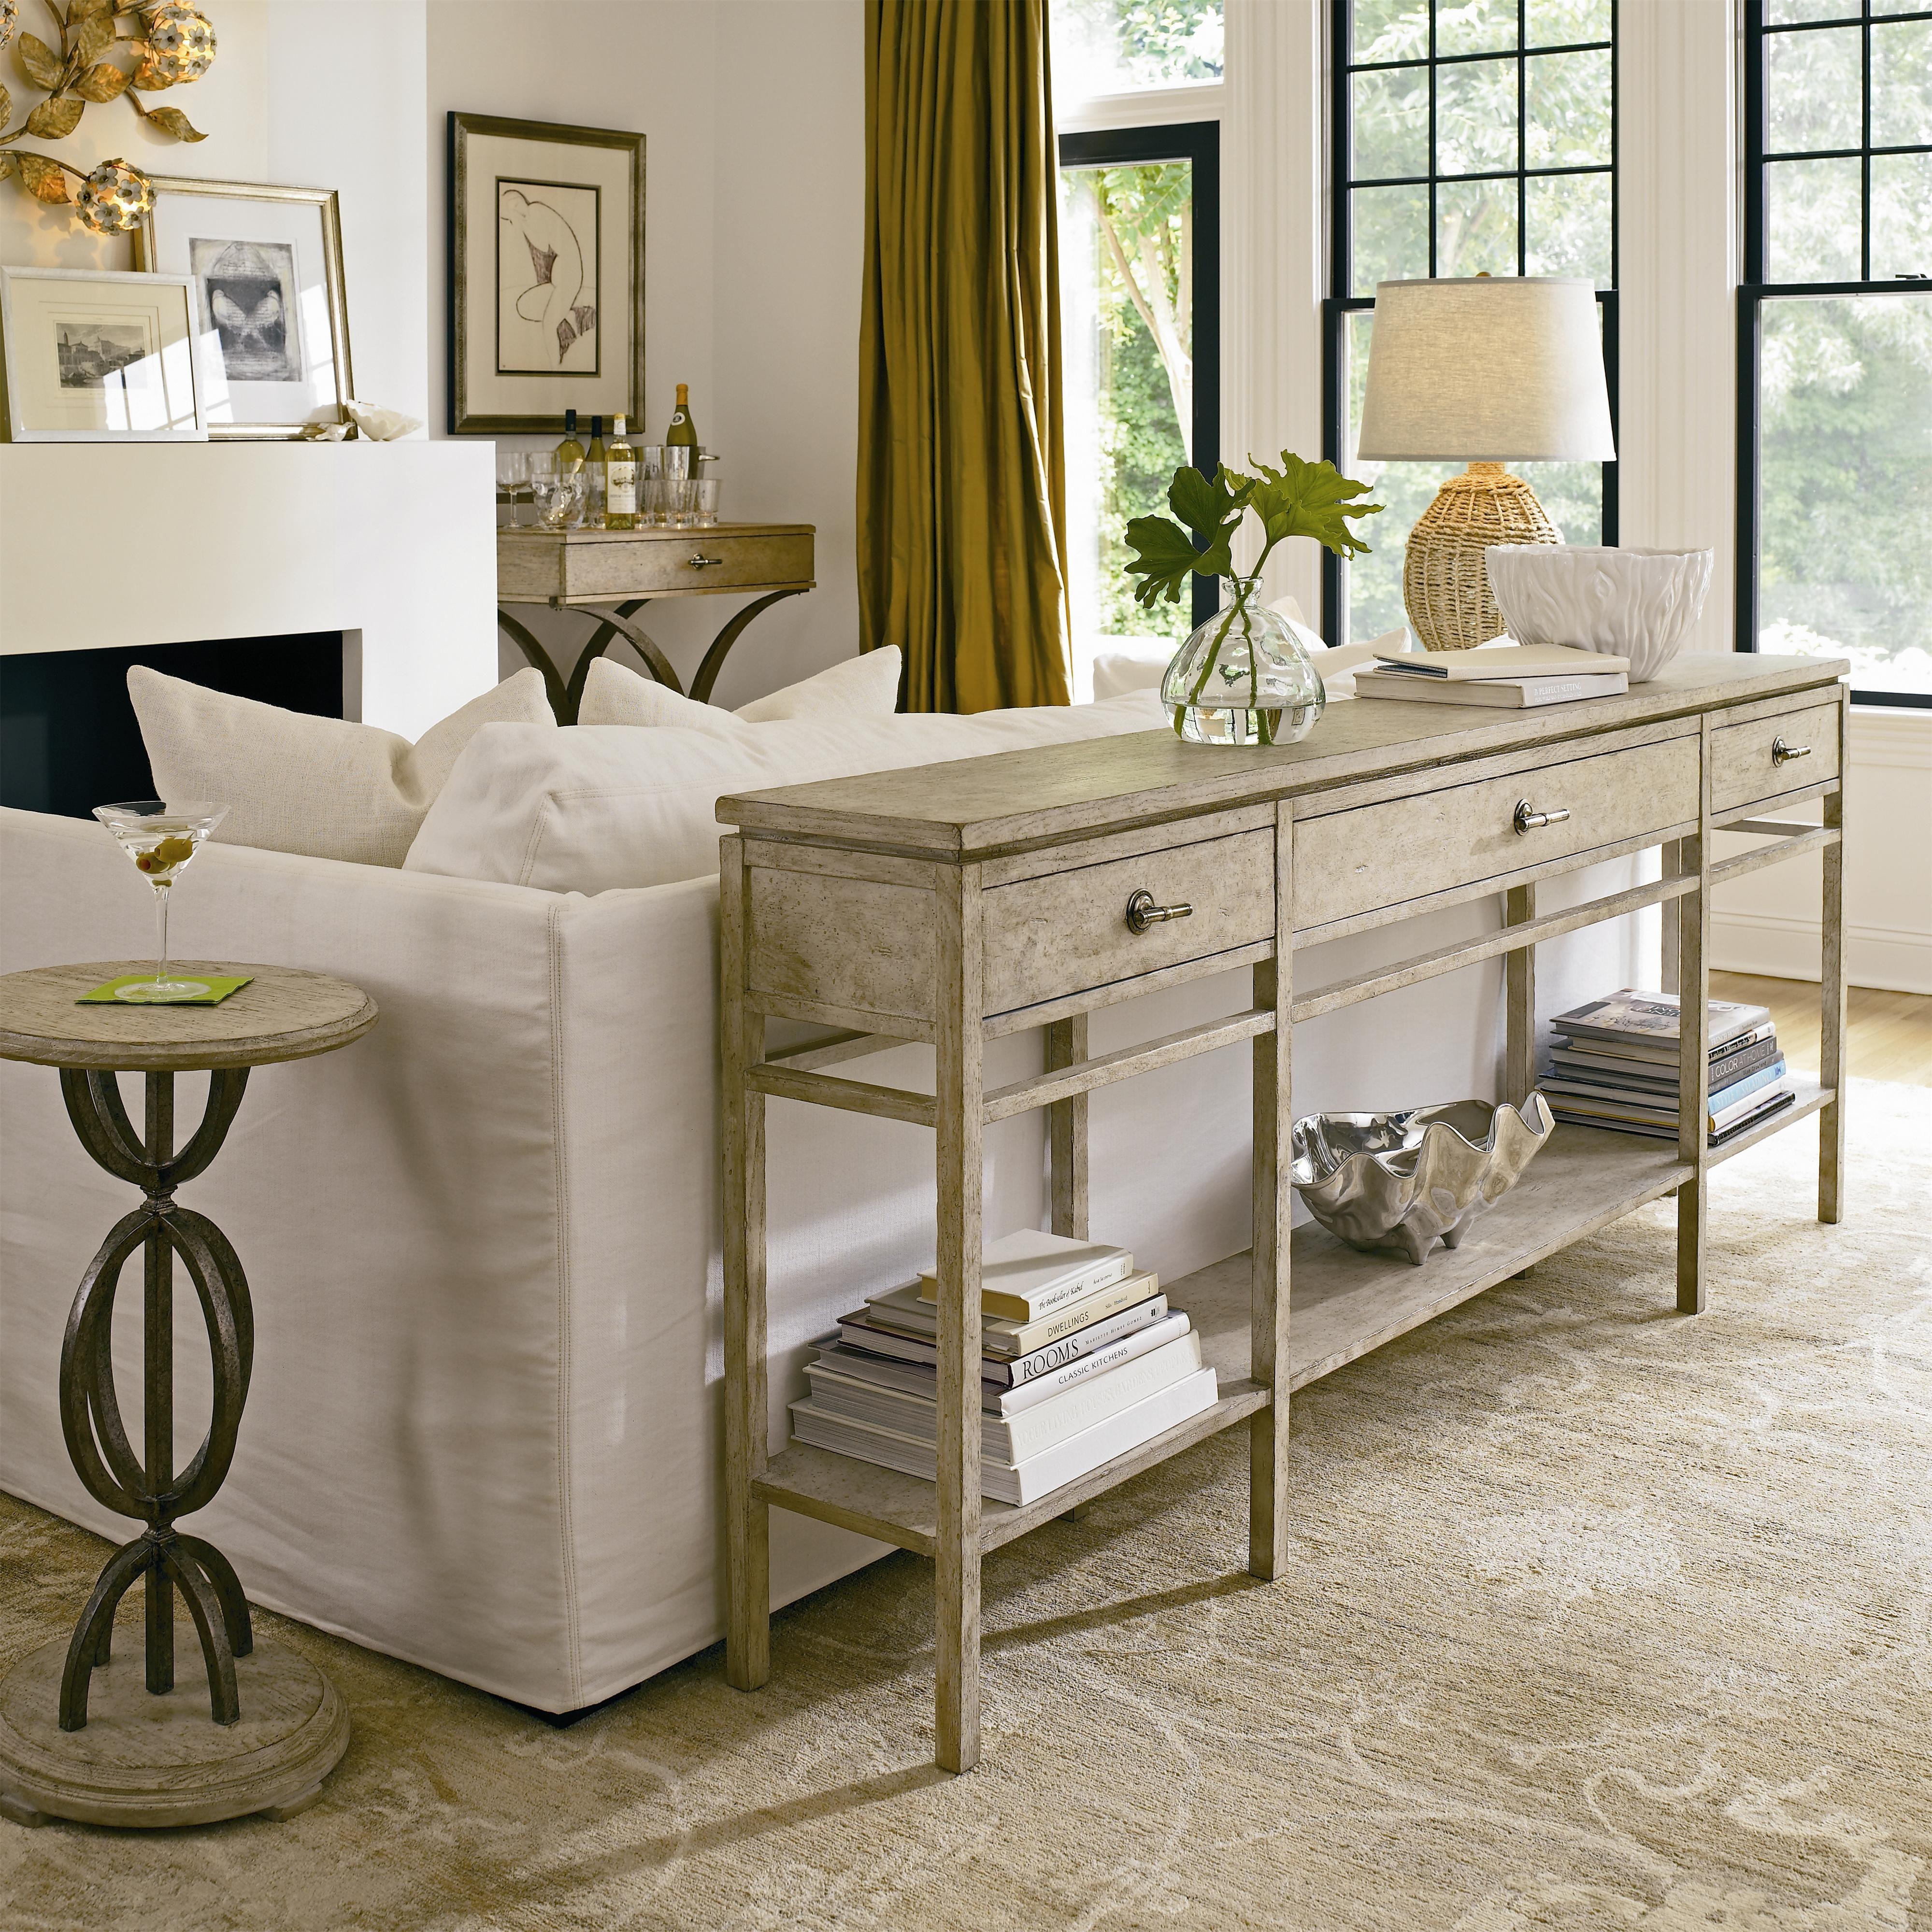 coastal living resort 3 drawer palisades sofa table by stanley furniture stanley furniture. Black Bedroom Furniture Sets. Home Design Ideas